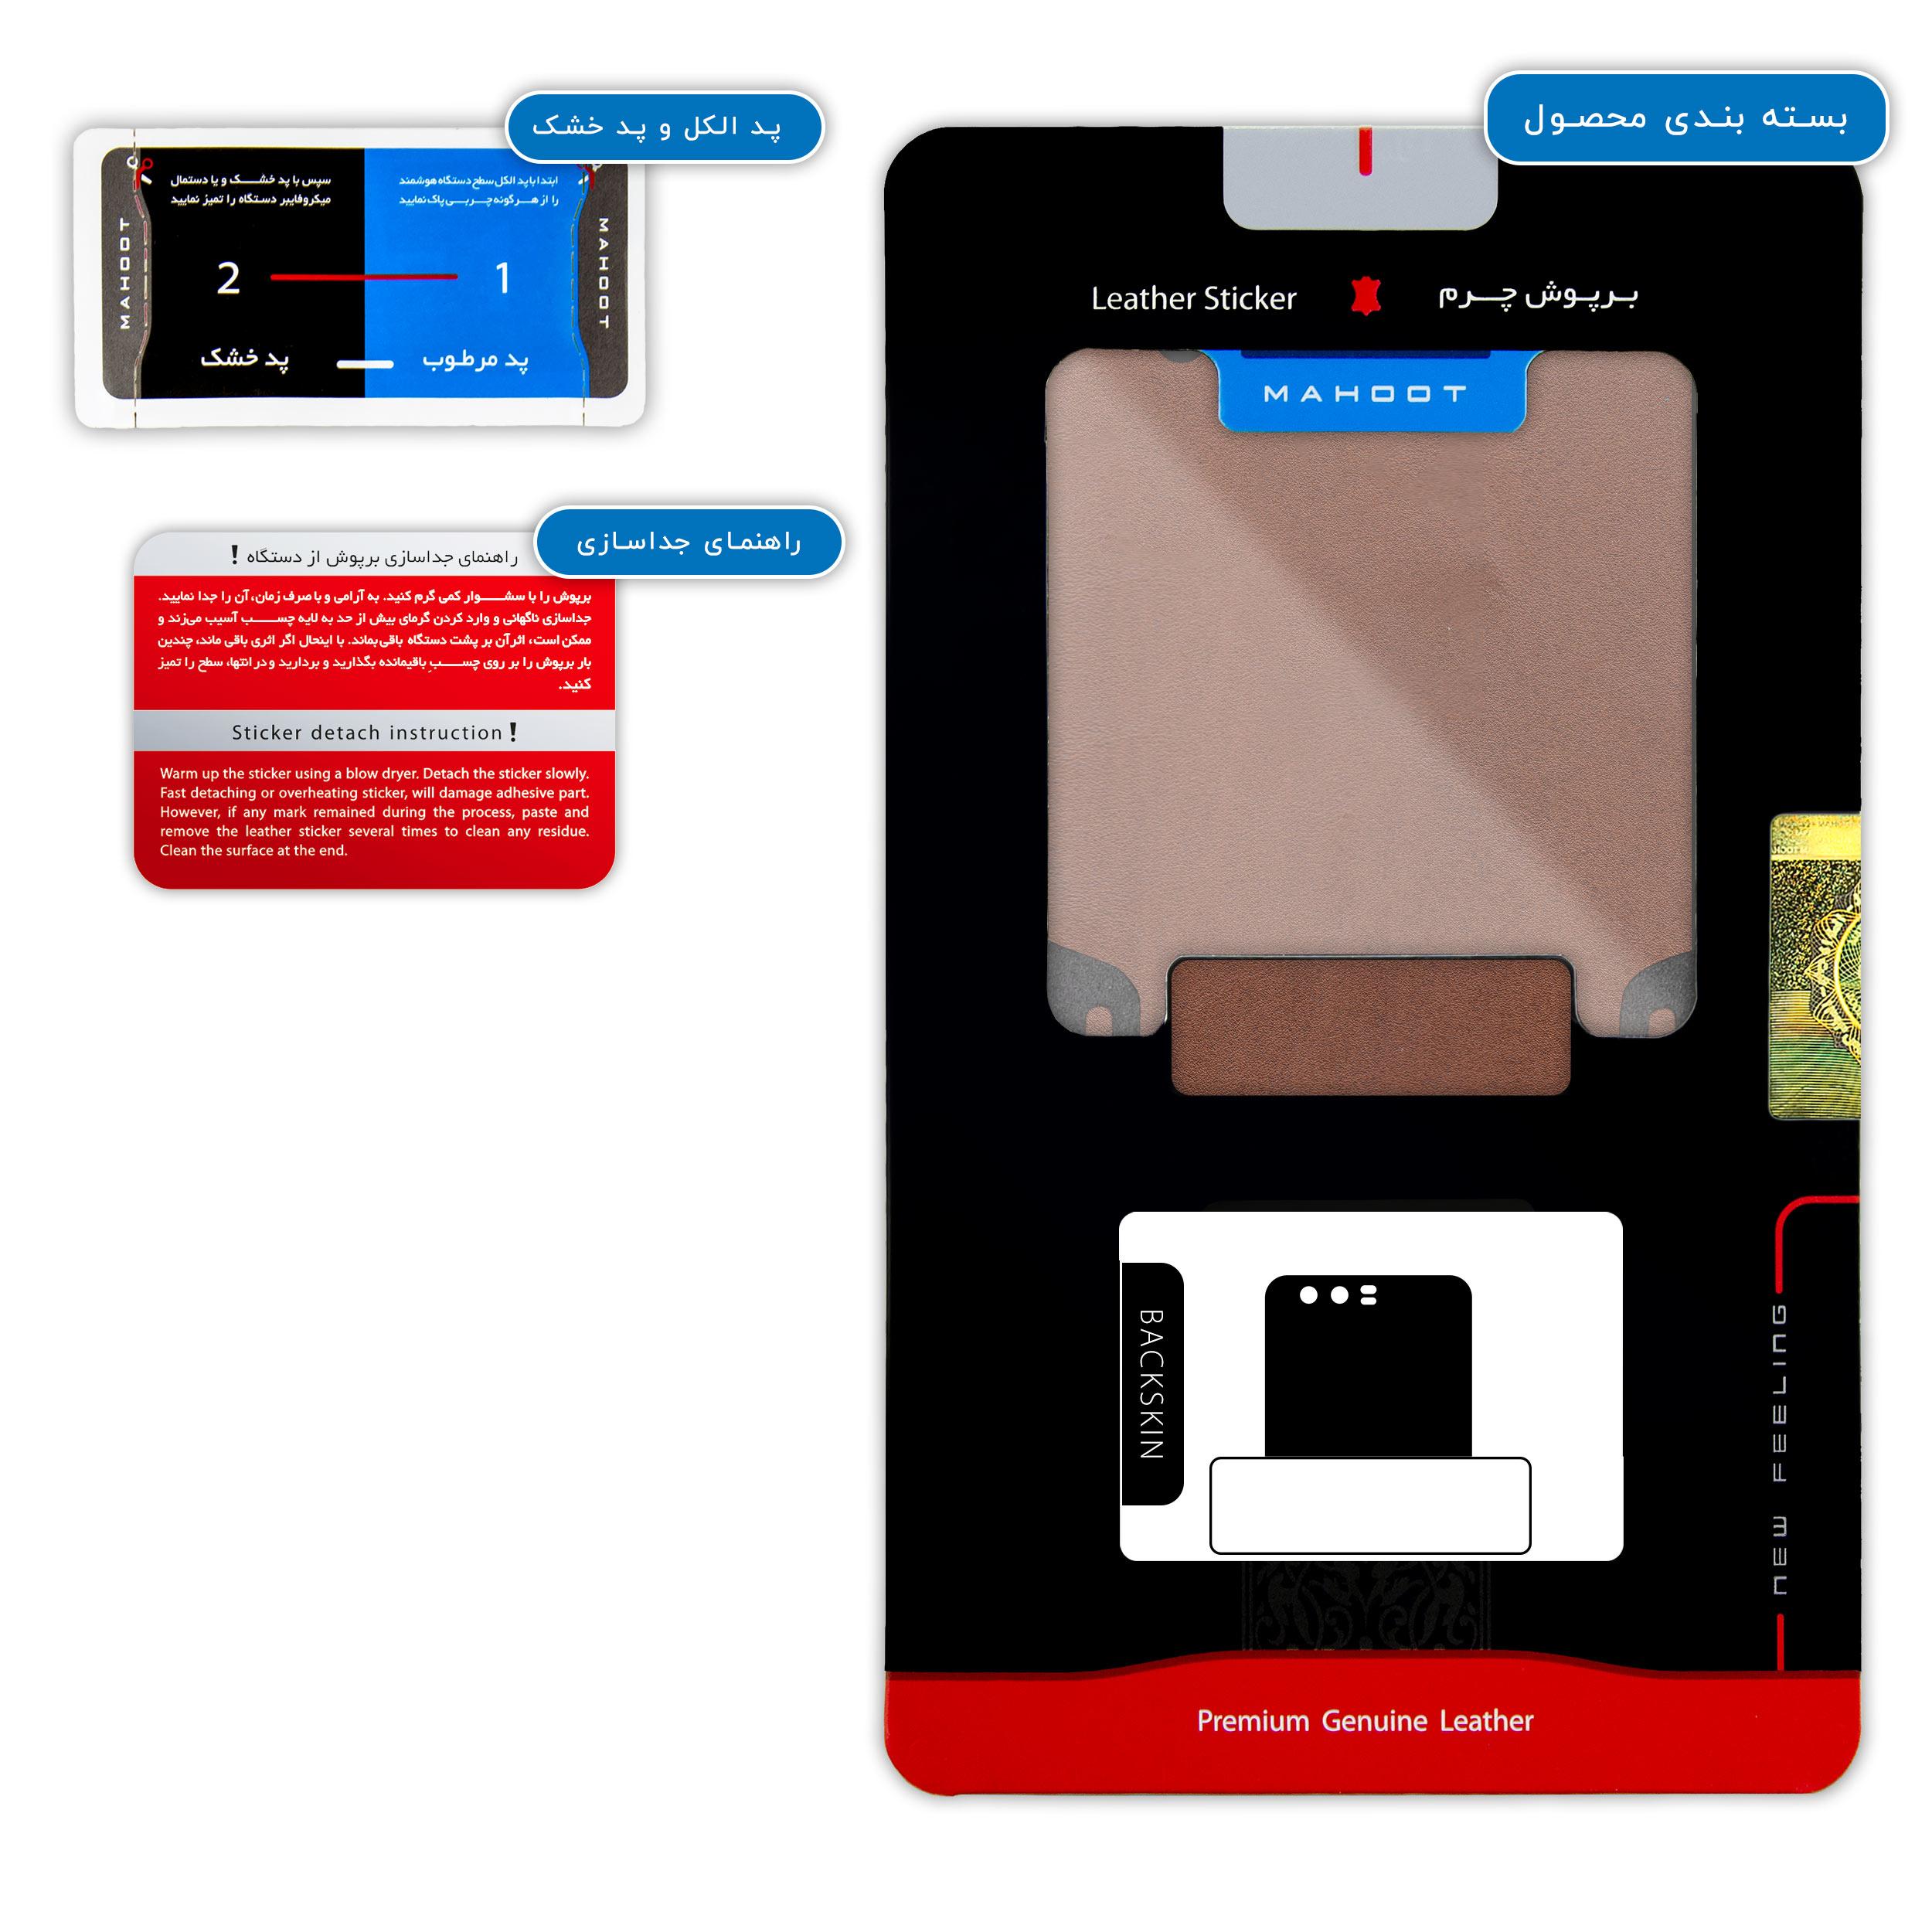 برچسب پوششی ماهوت مدل Matte-Natural-Leather مناسب برای گوشی موبایل آنر 9 thumb 2 3